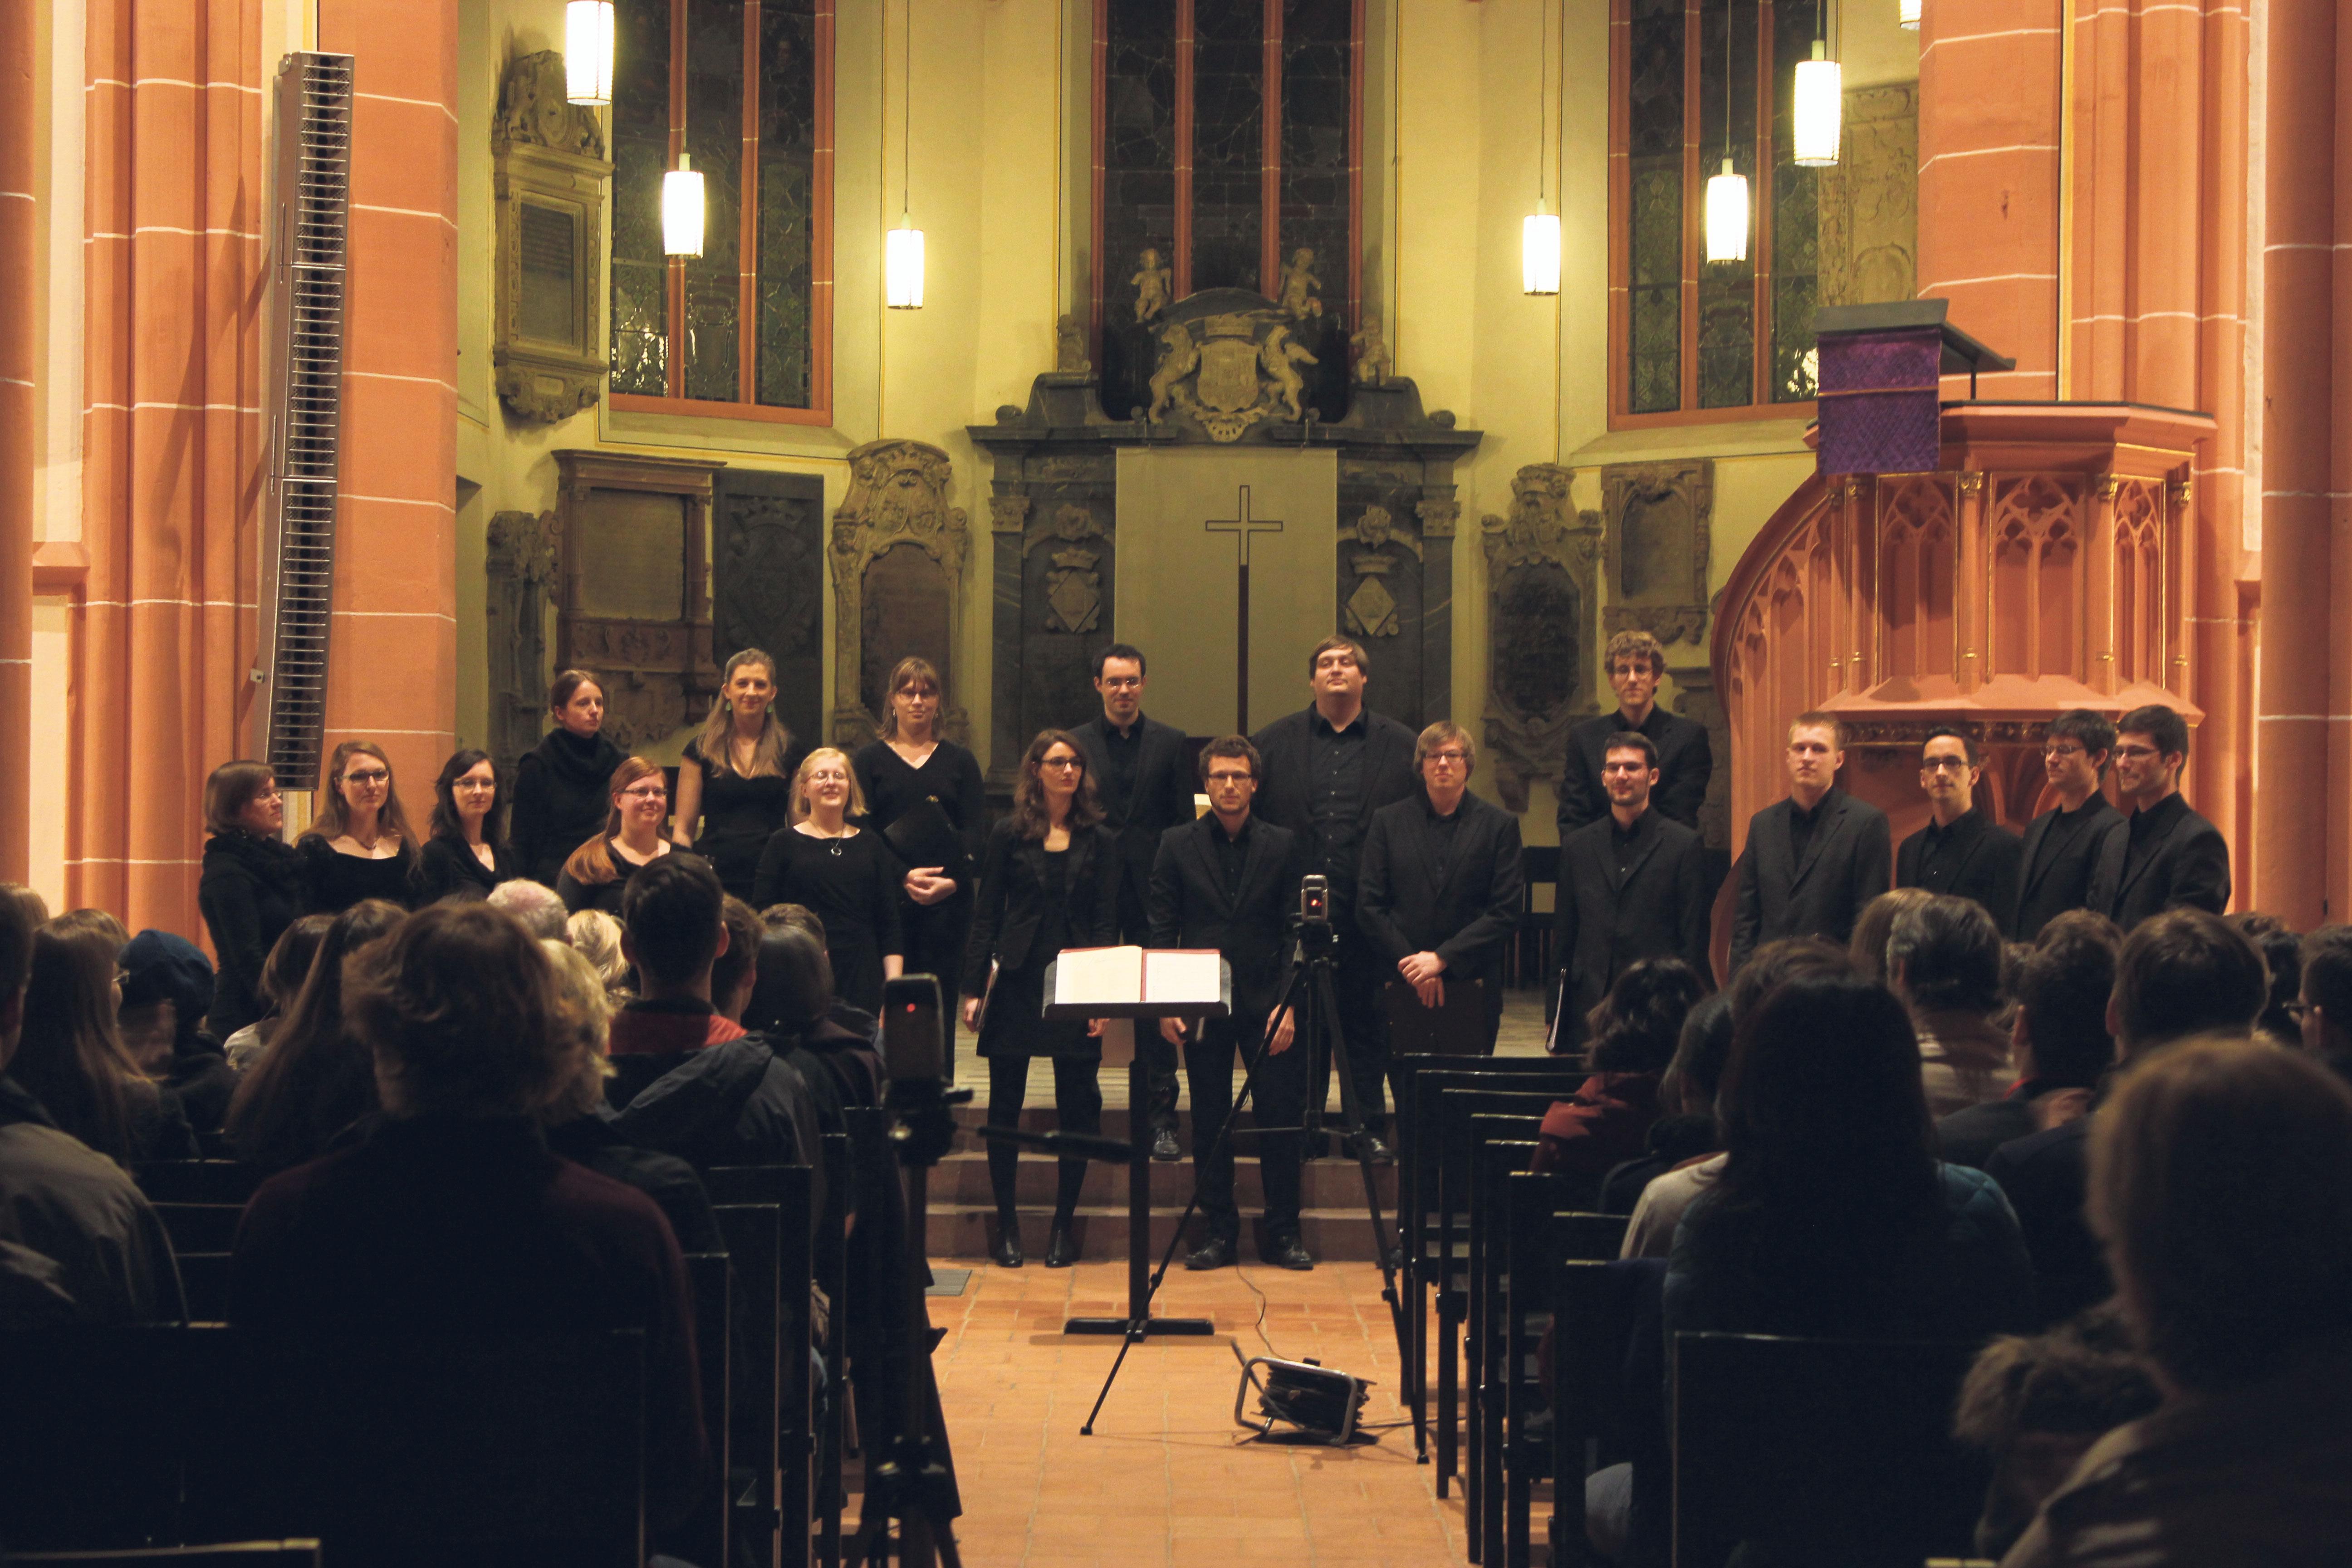 """Der Kammerchor """"Voces Salomonis"""" bei einem Auftritt in der Heidelberger Peterskirche. Foto: Voces Salomonis Heidelberg"""